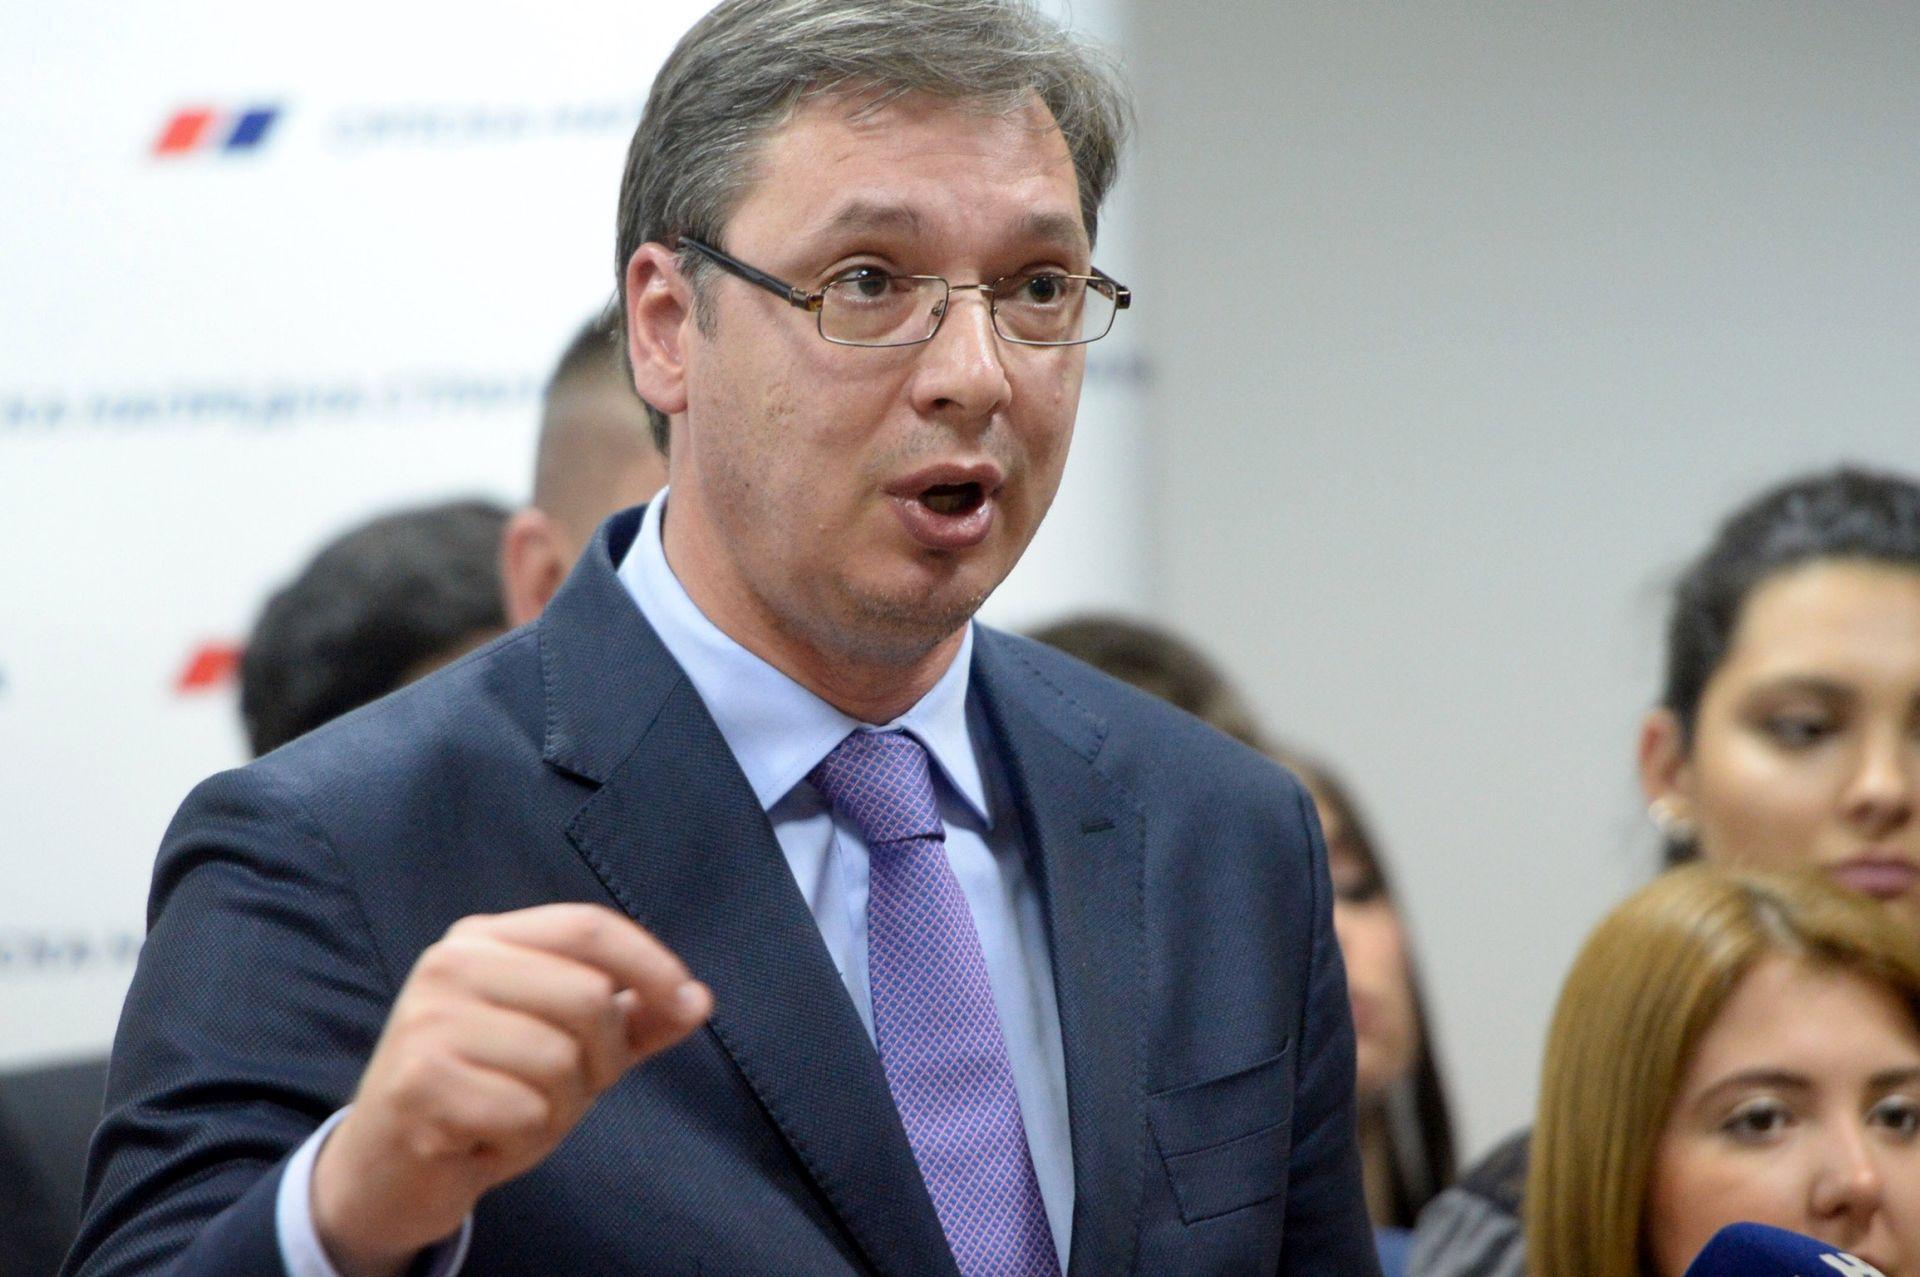 PREOKRET POSLIJE IZBORA: Aleksandar Vučić sumnja u izborne rezultate